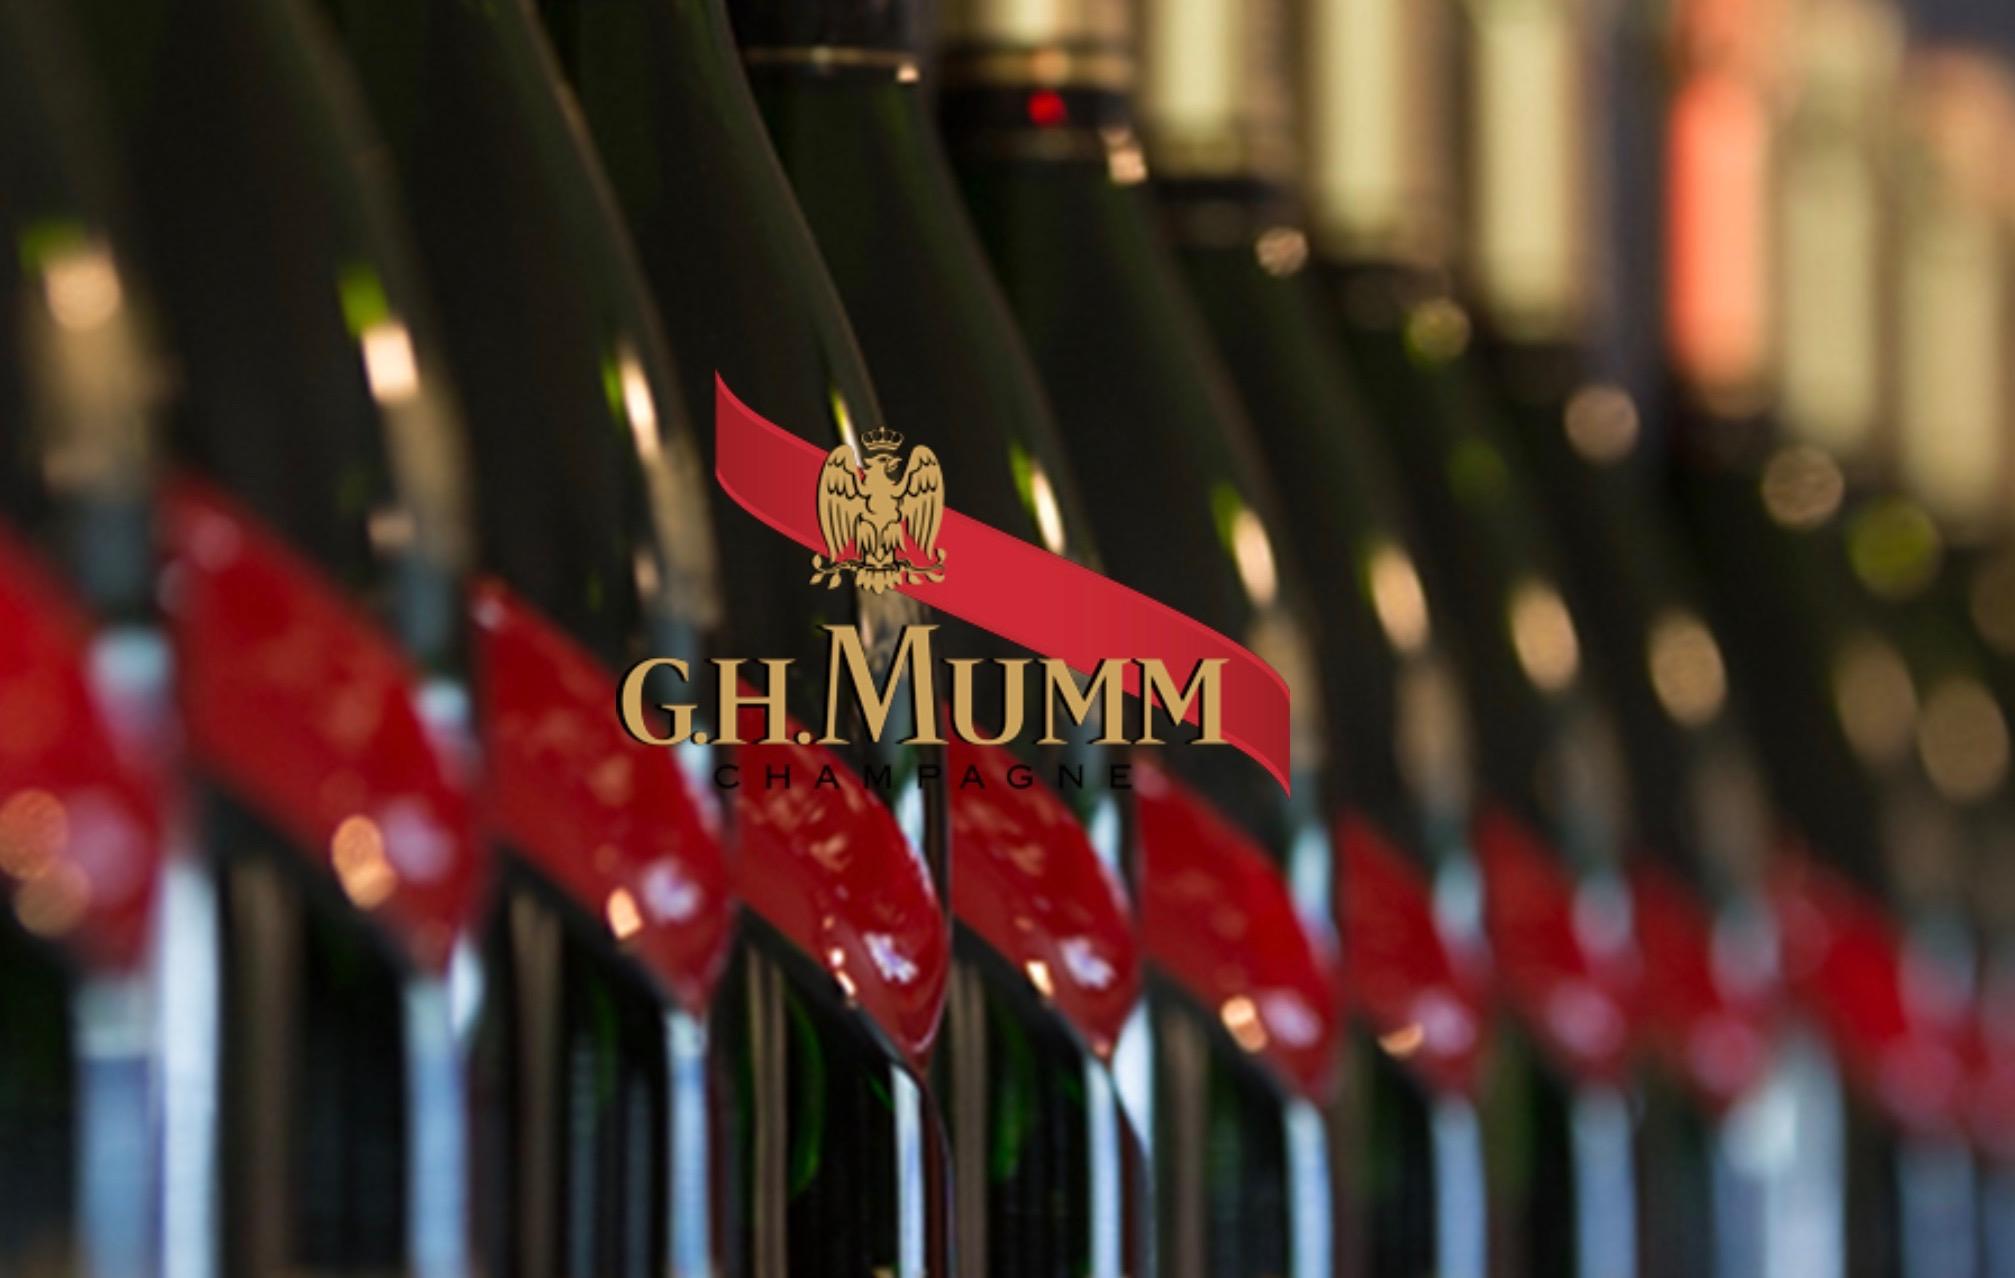 nouvelle organisation de son activité champagne pour accompagner la croissance de ses Maisons.